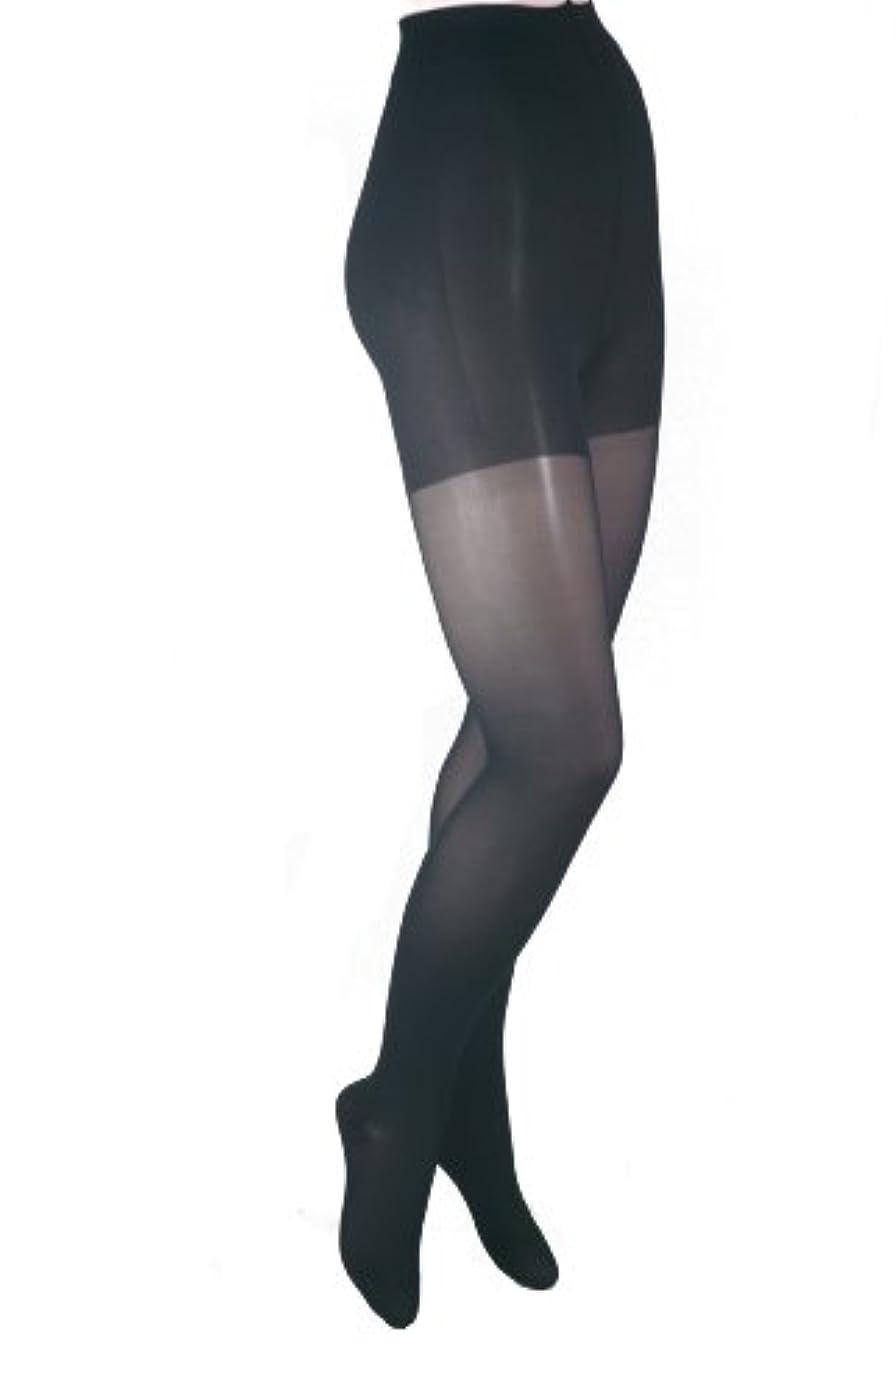 単独でオッズ抽象化ITA-MED Sheer Pantyhose, Compression (20-22 mmHg) Black, Queen Plus by ITA-MED